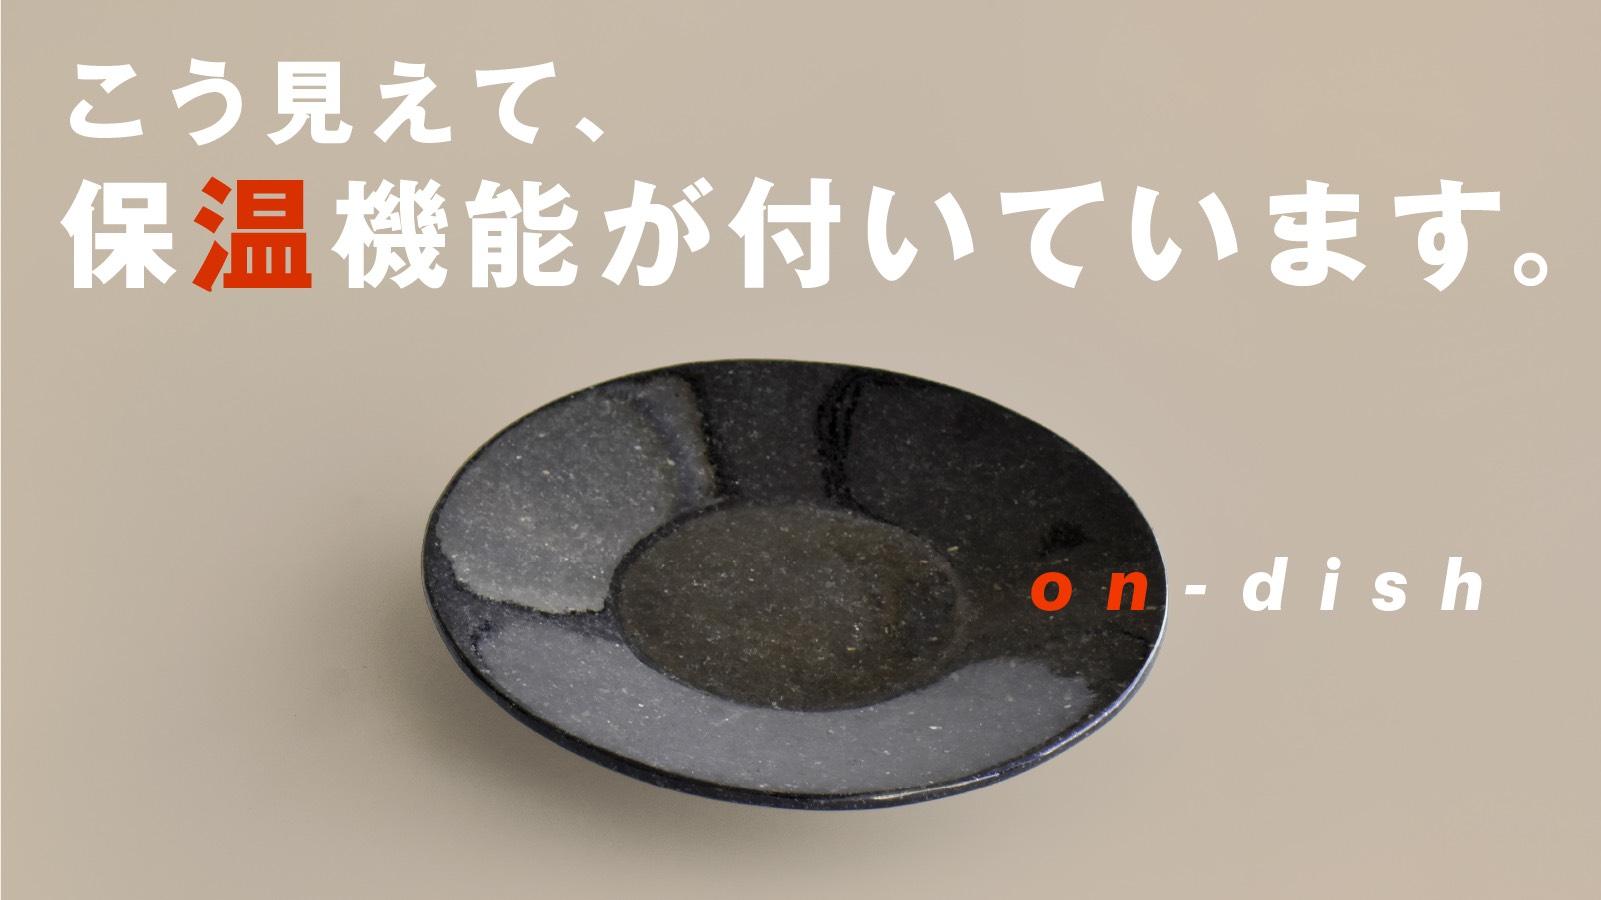 on-dish